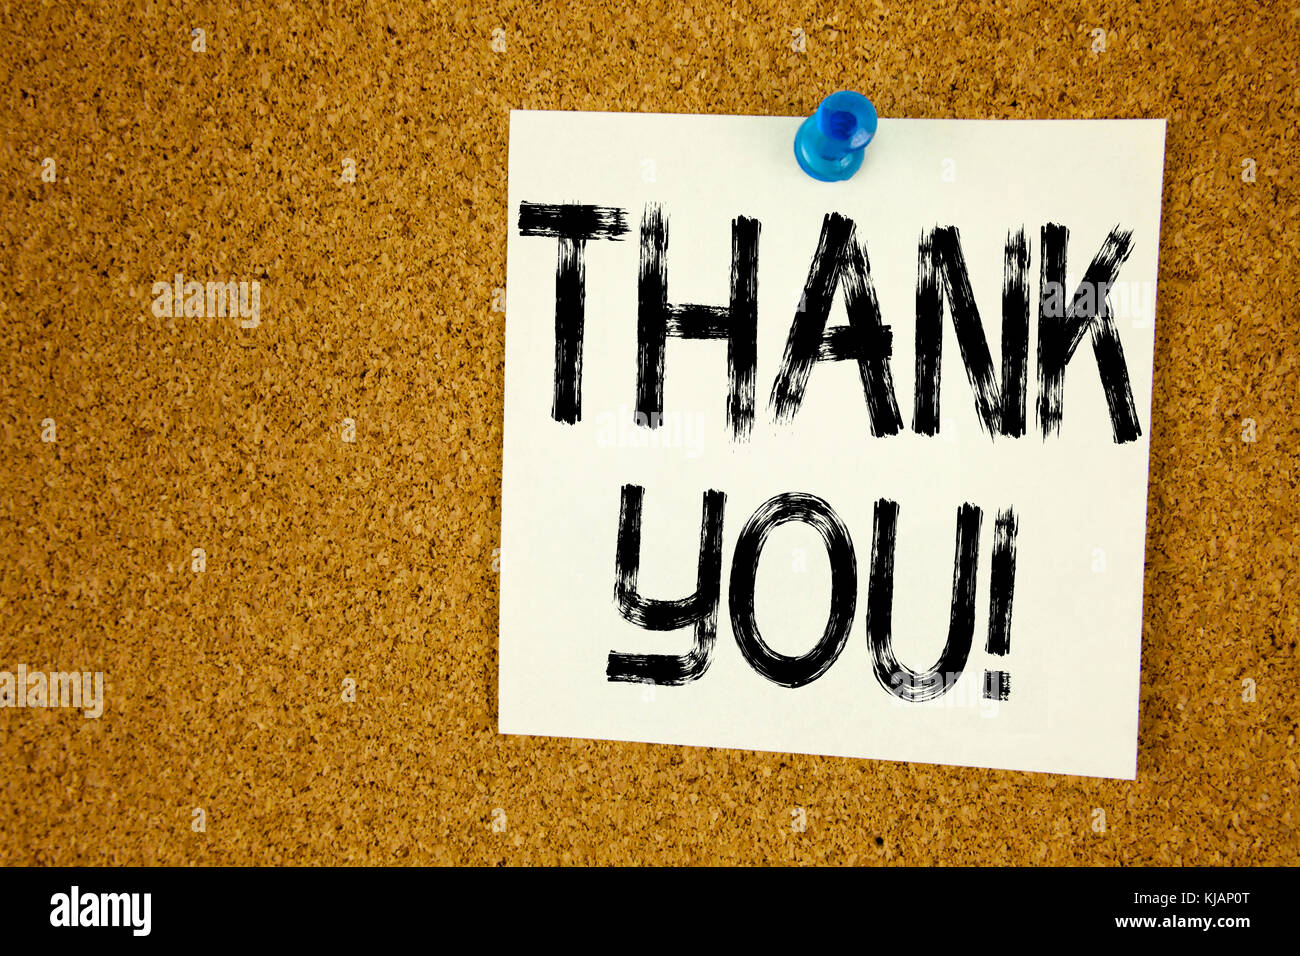 Konzeptionelle Hand schreiben Bildunterschrift Inspiration angezeigt. vielen Dank. Business Konzept für die Stockbild